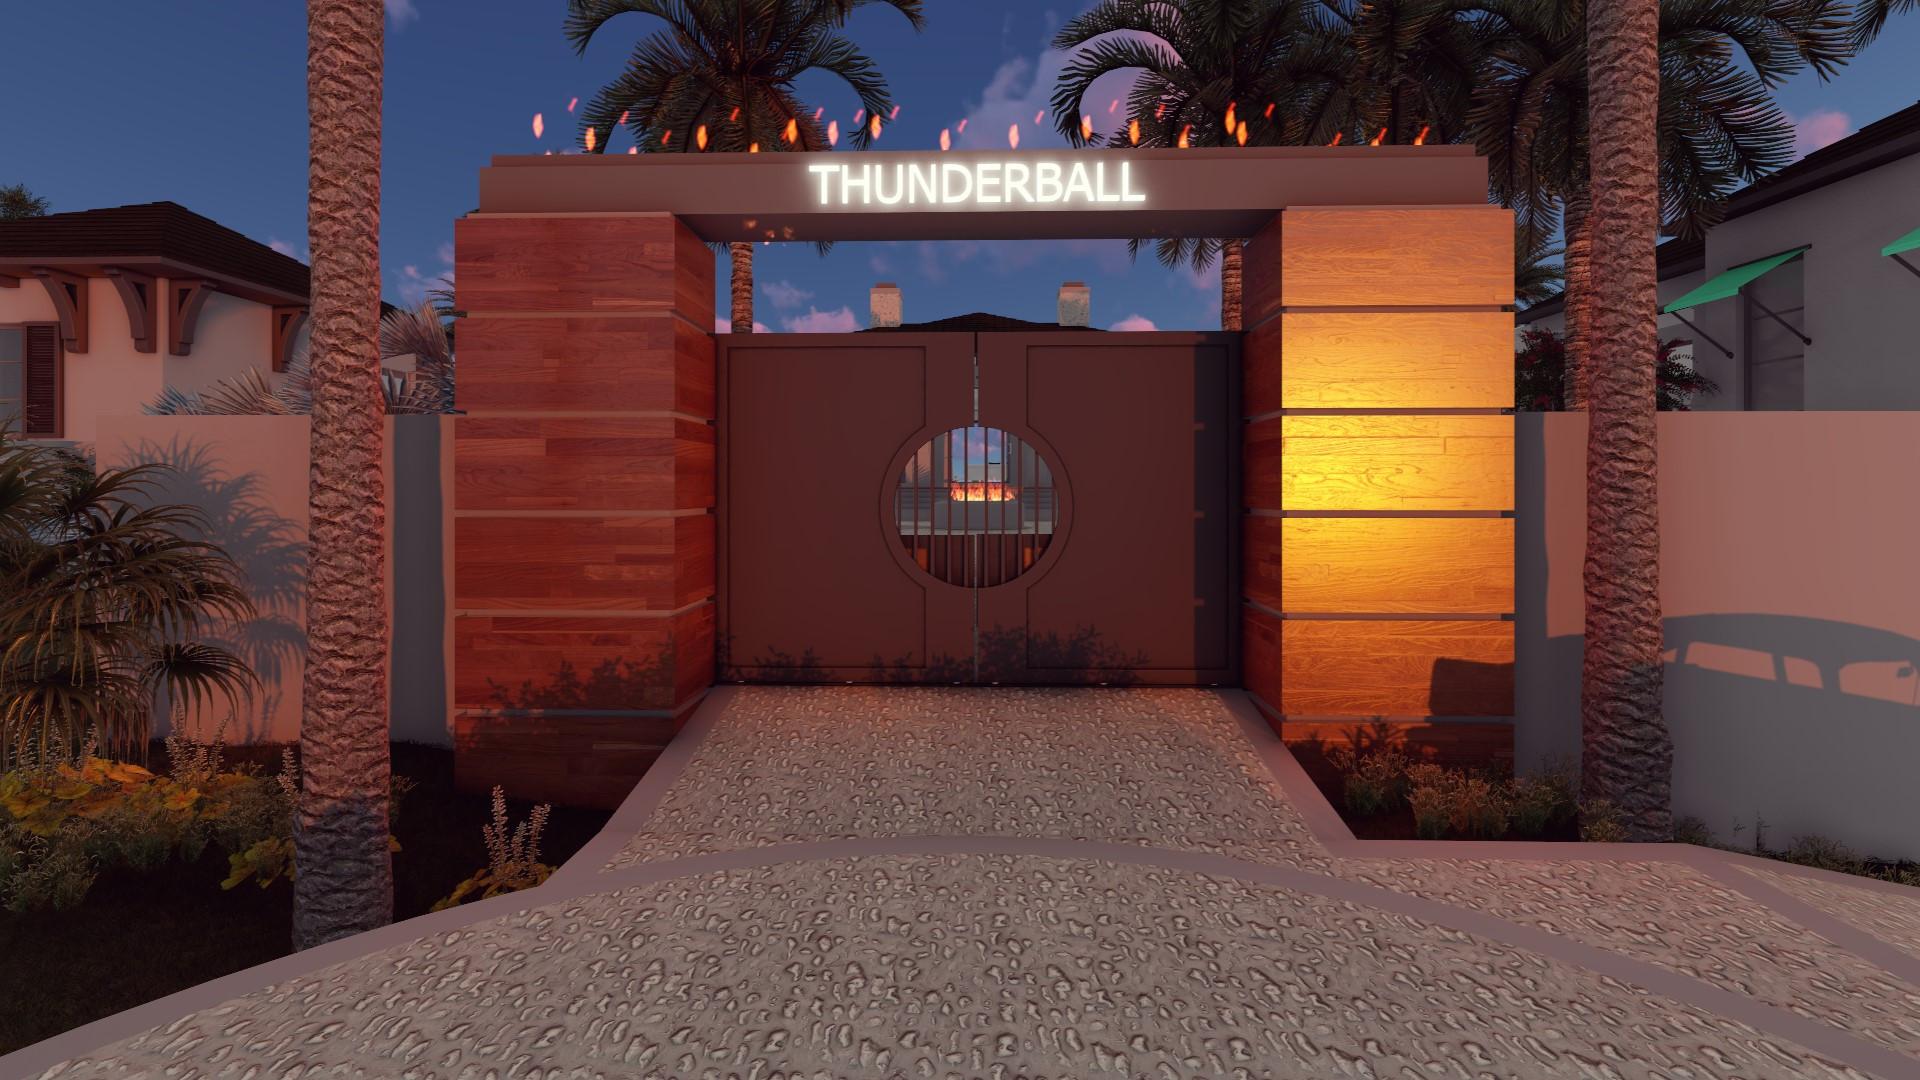 THUNDERBALL-11.jpg